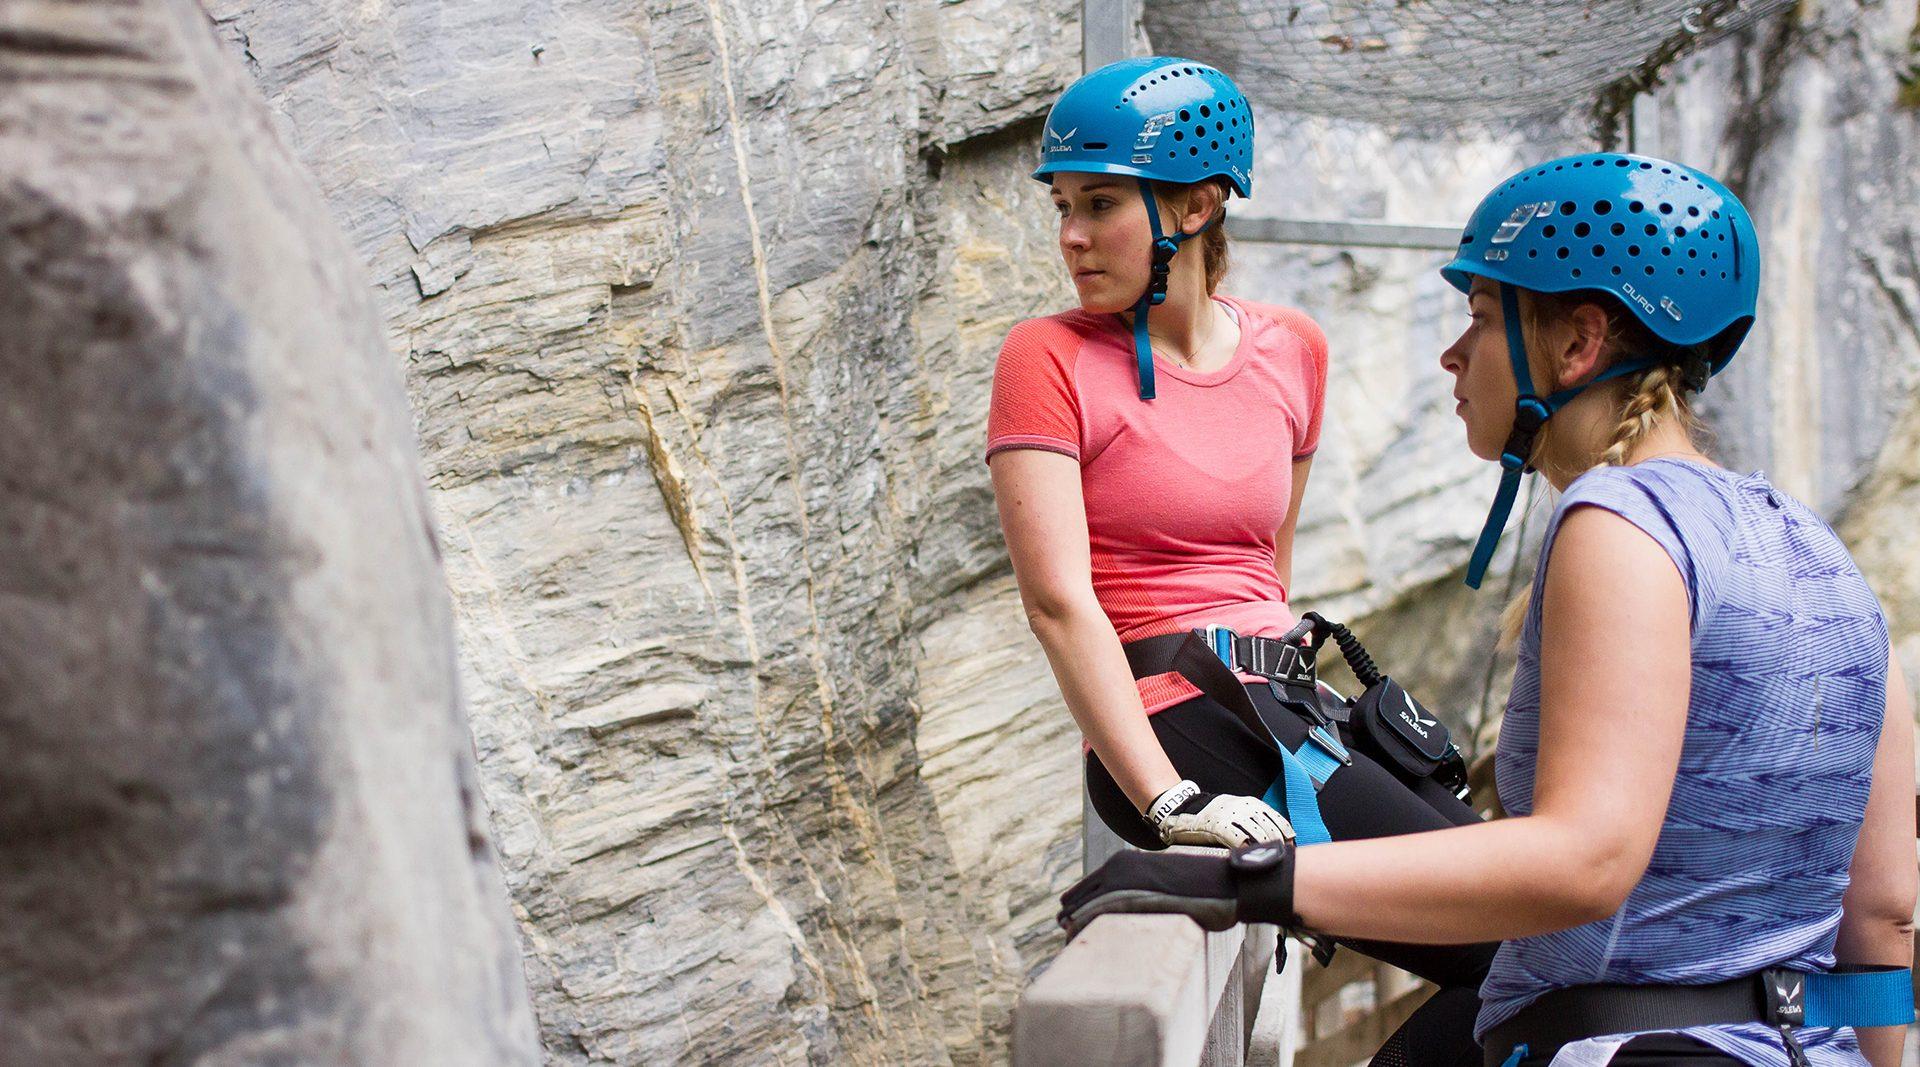 Wander Und Kletterausrüstung : Klettern in der kitzlochklamm mit angie julia u und pippa